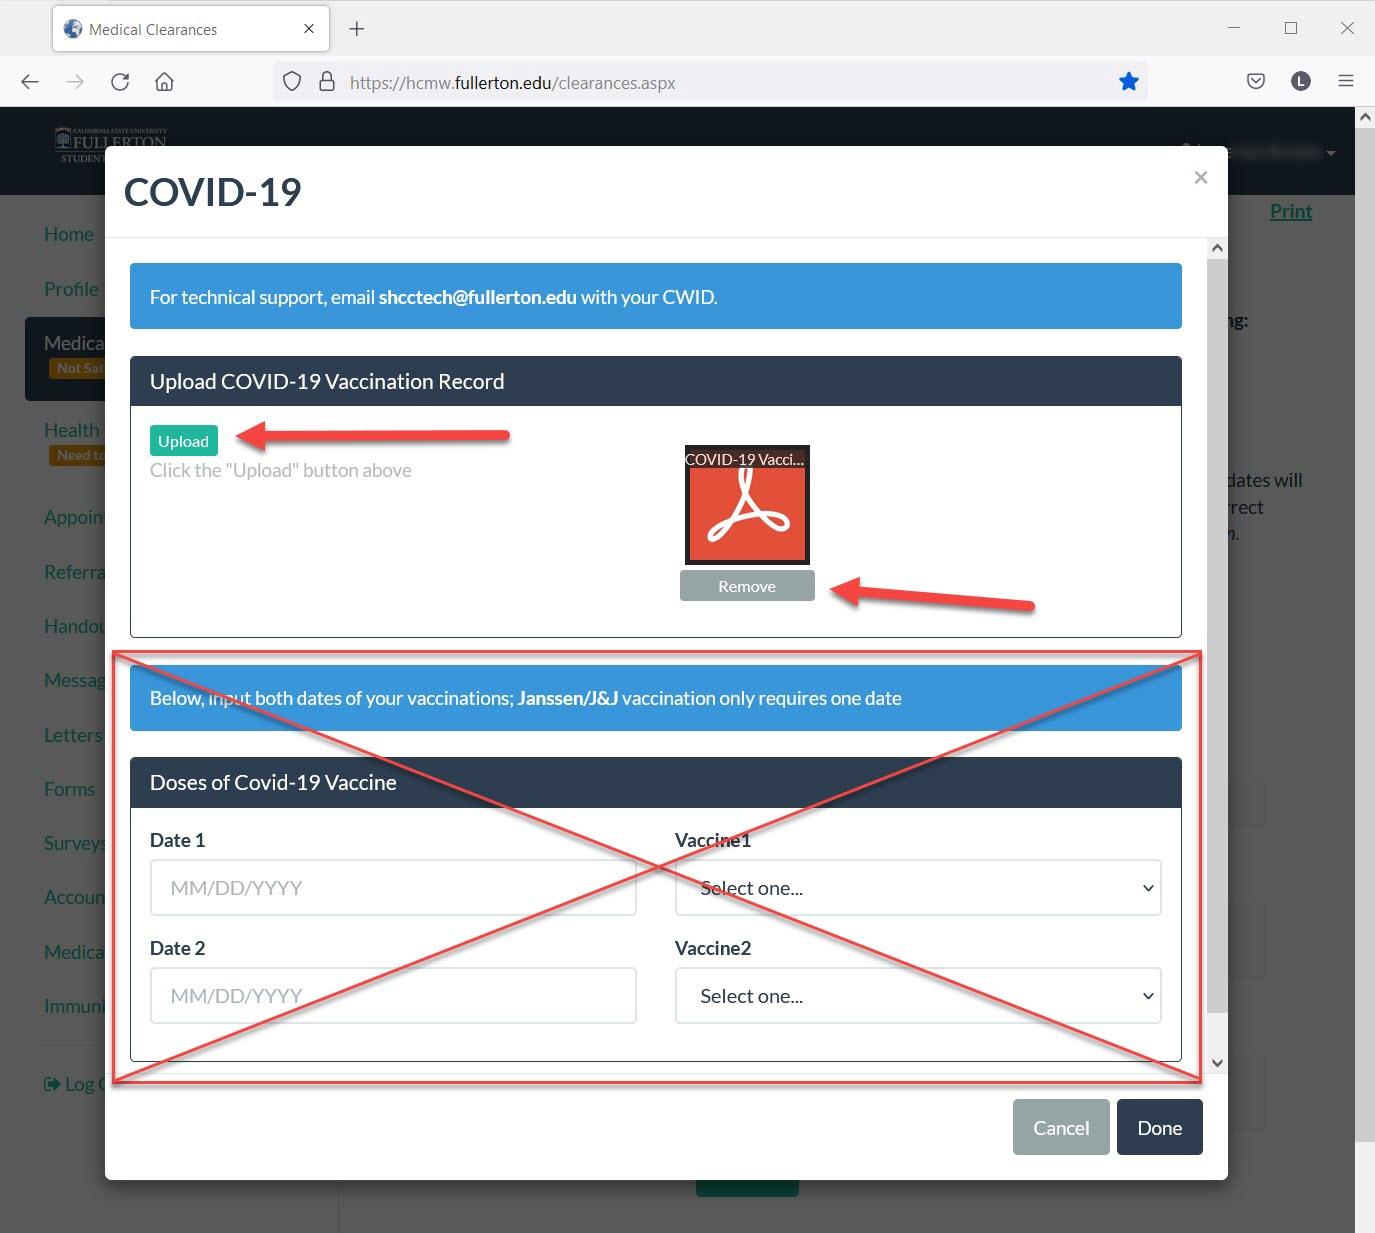 CSUF Health Portal - COVID-19 Upload Page